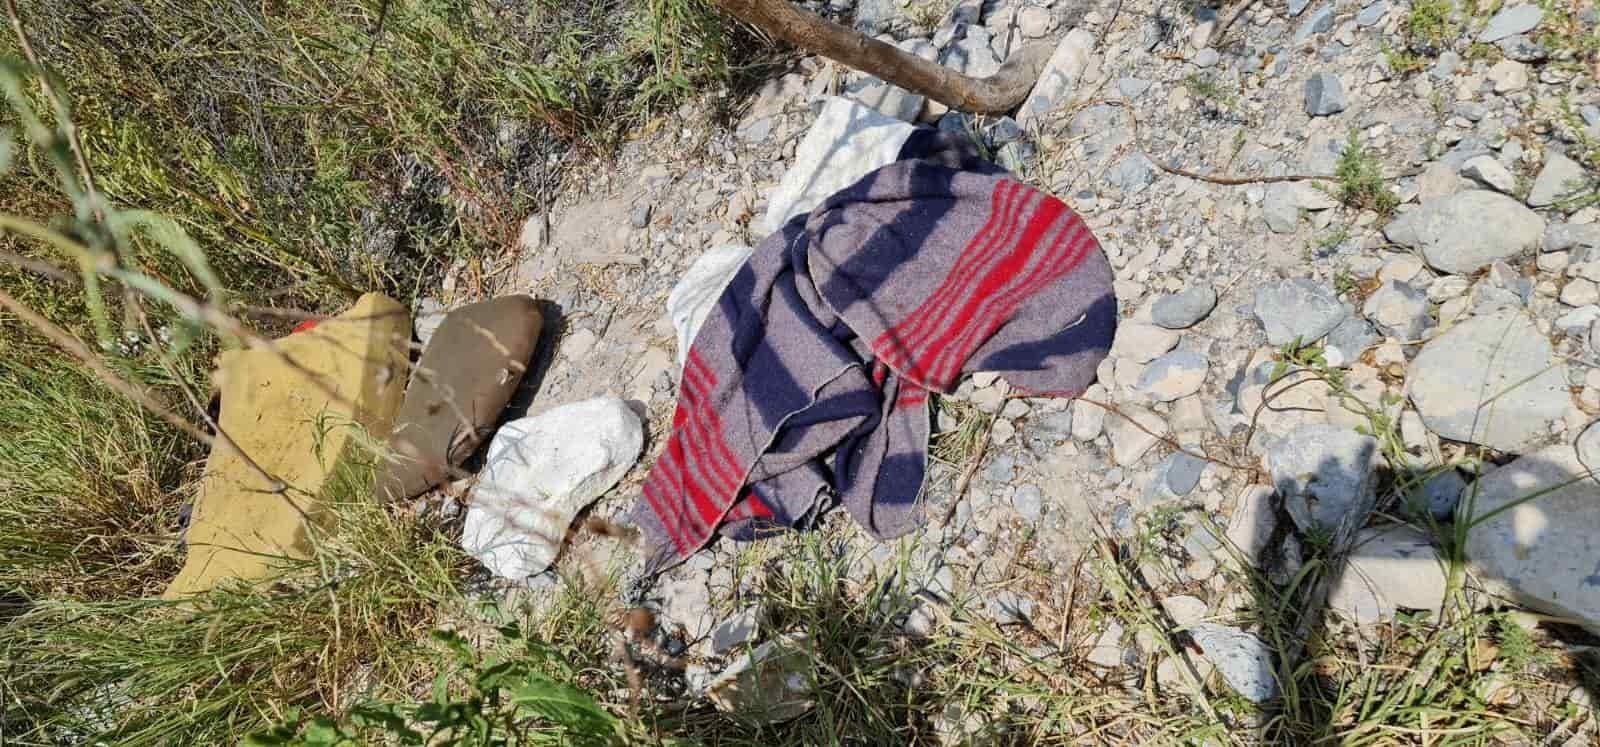 El cadáver de una mujer en estado de descomposición fue encontrado ayer en la Camino a Icamole